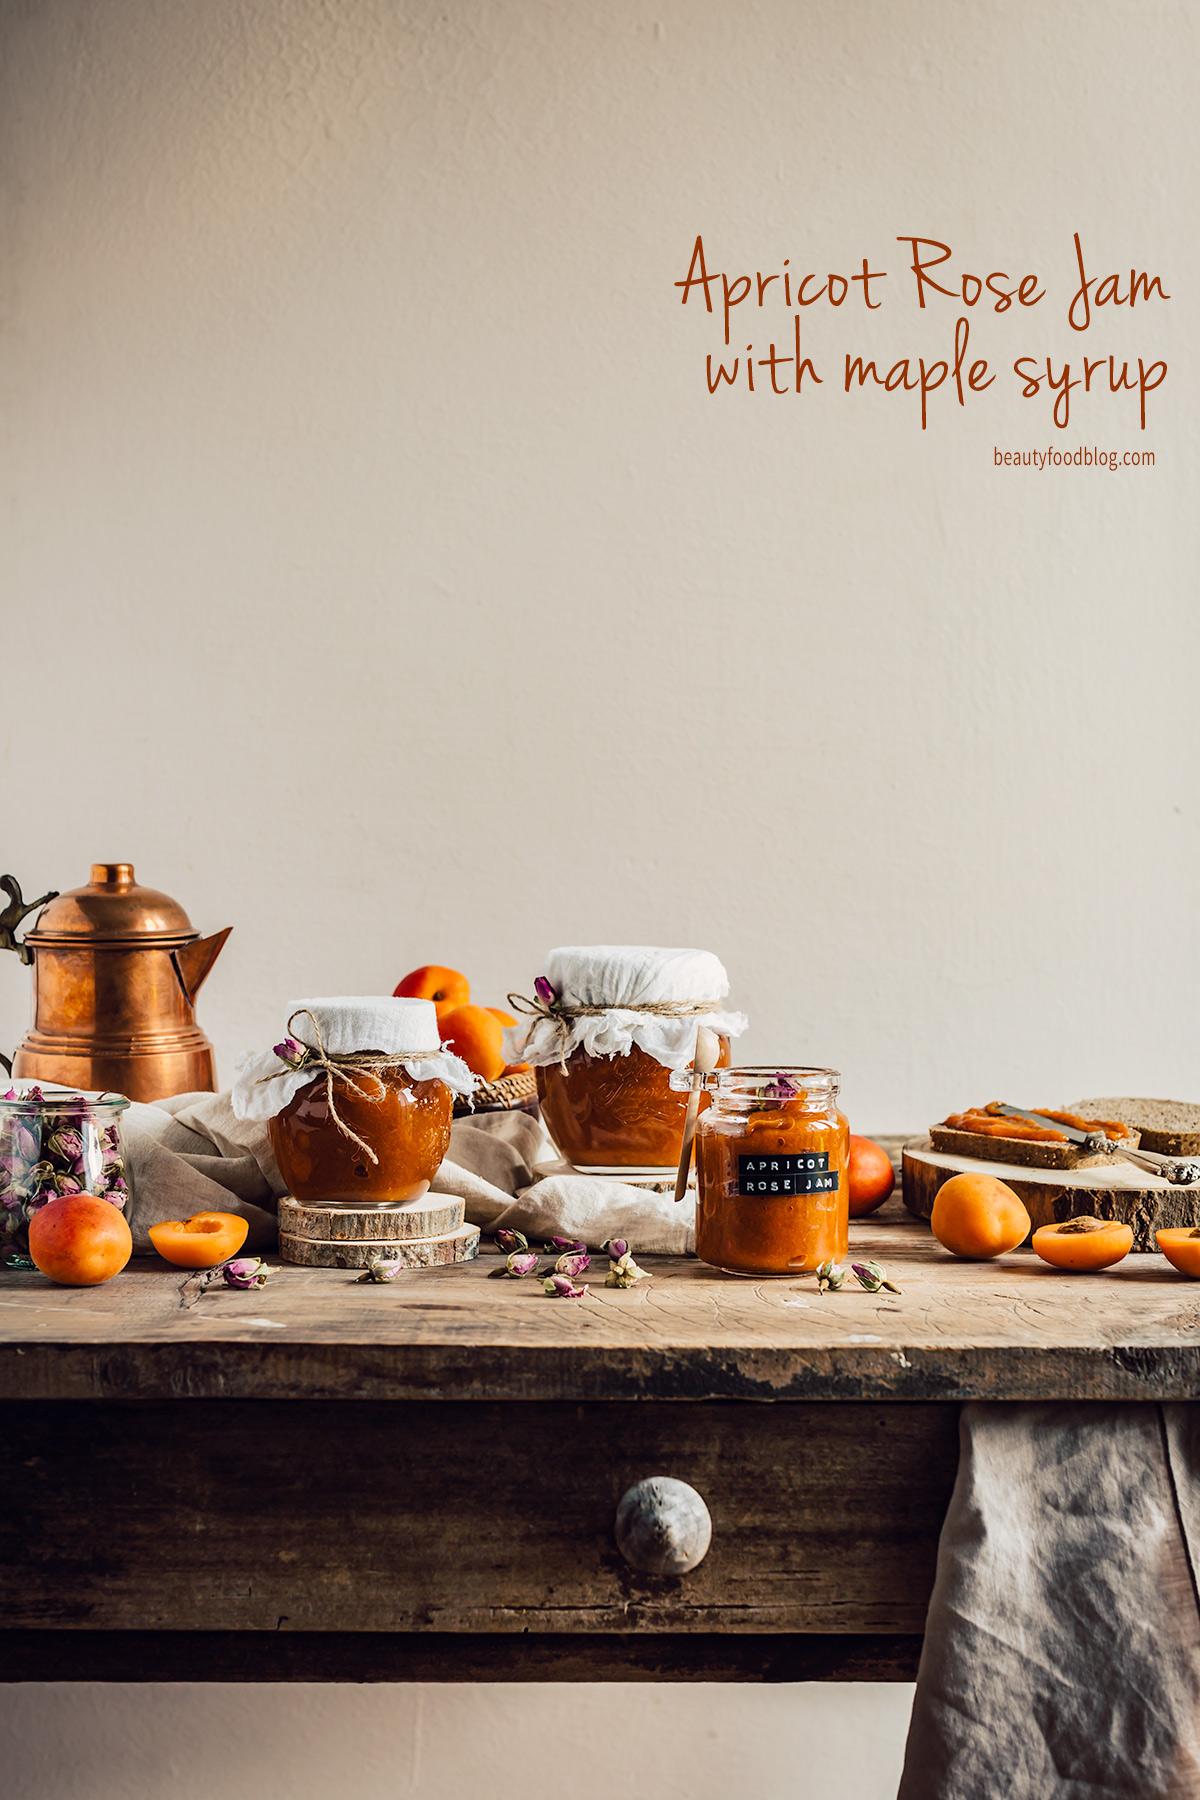 refined sugar free APRICOT JAM with maple syrup and Damascena #Rose #vegan ricetta marmellata CONFETTURA di ALBICOCCHE e sciroppo d acero alle rose di Damasco senza zucchero raffinato